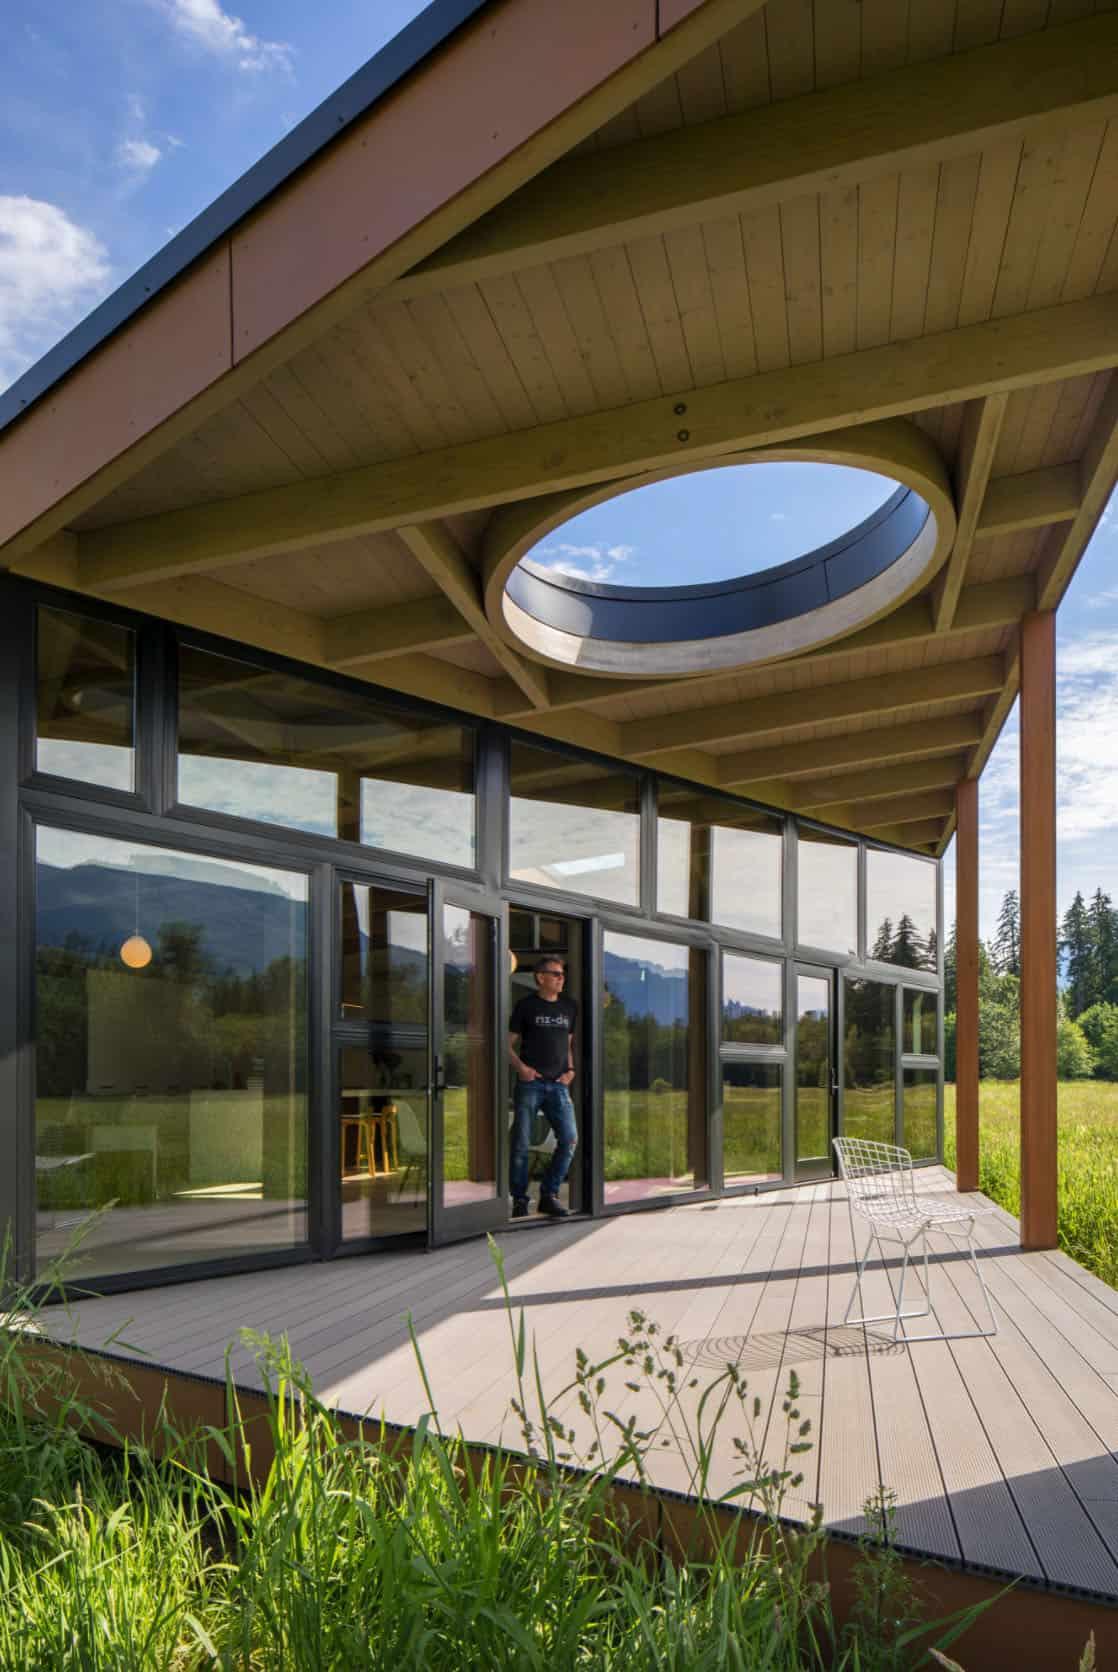 mi-siècle-maison-extérieur-oculus